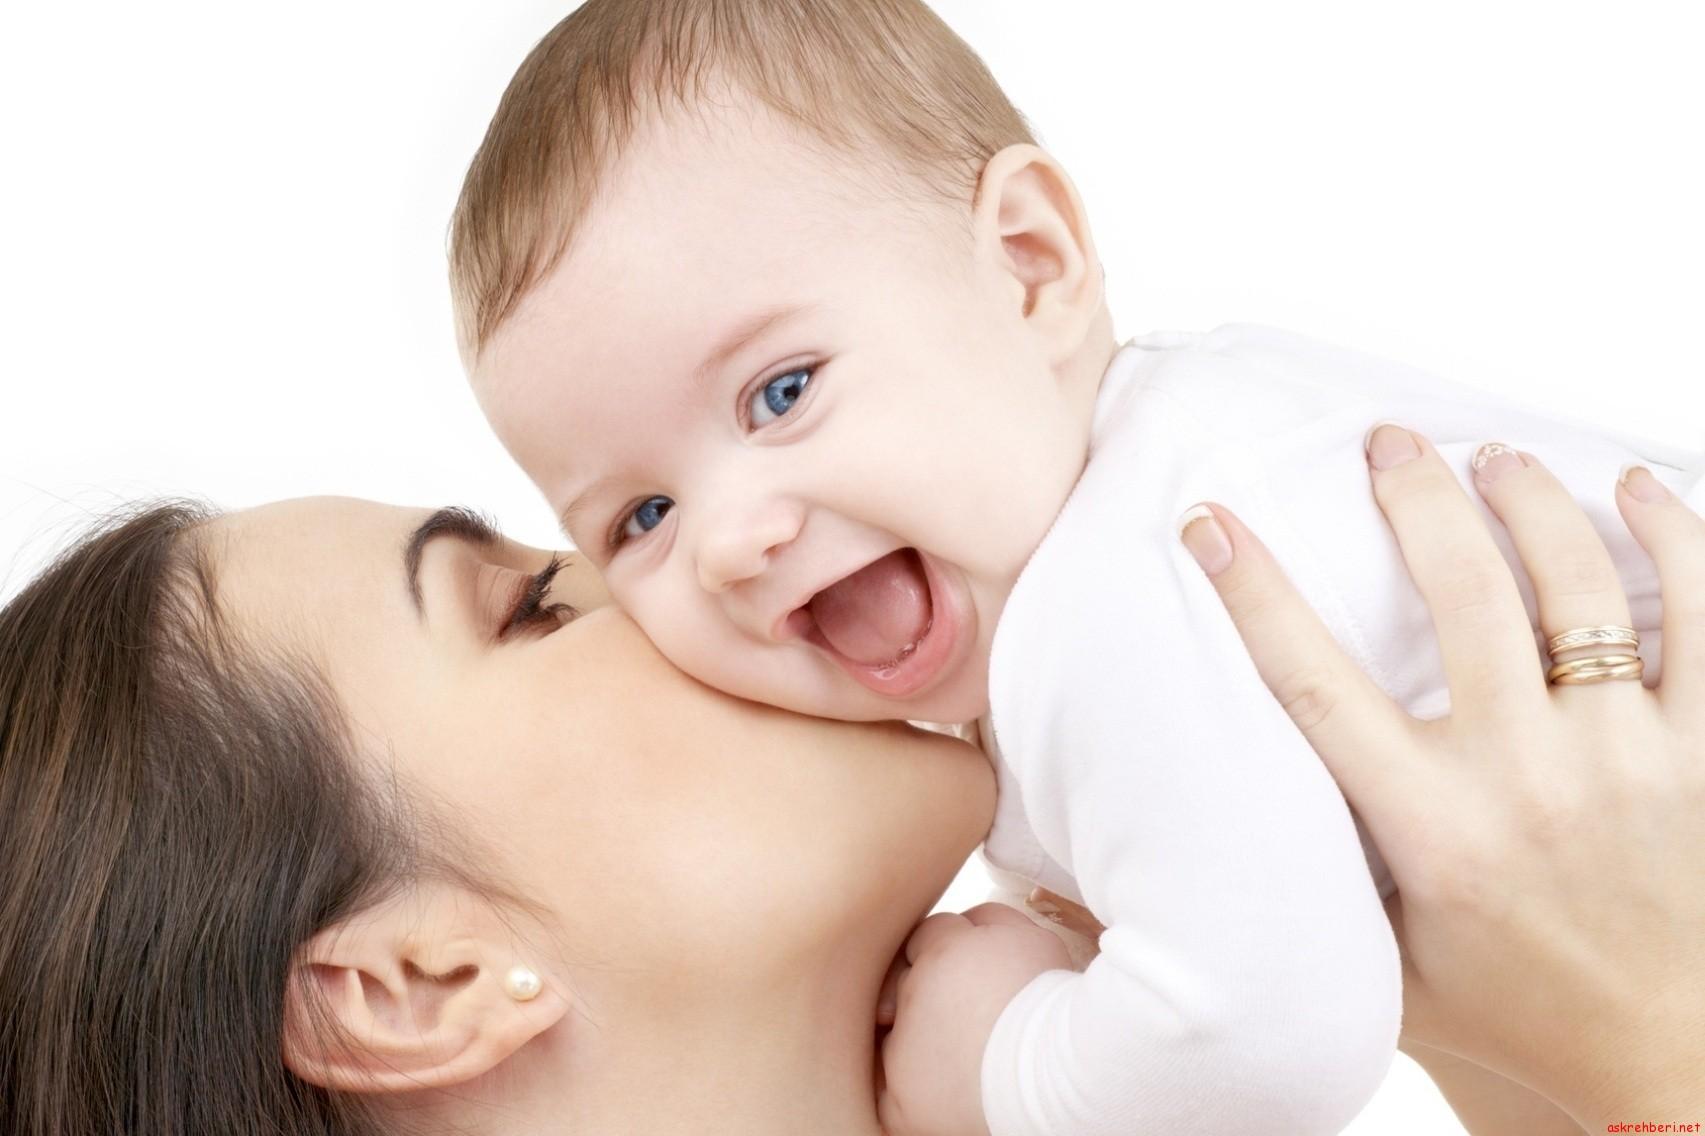 bebek-ve-anne-iletişimi